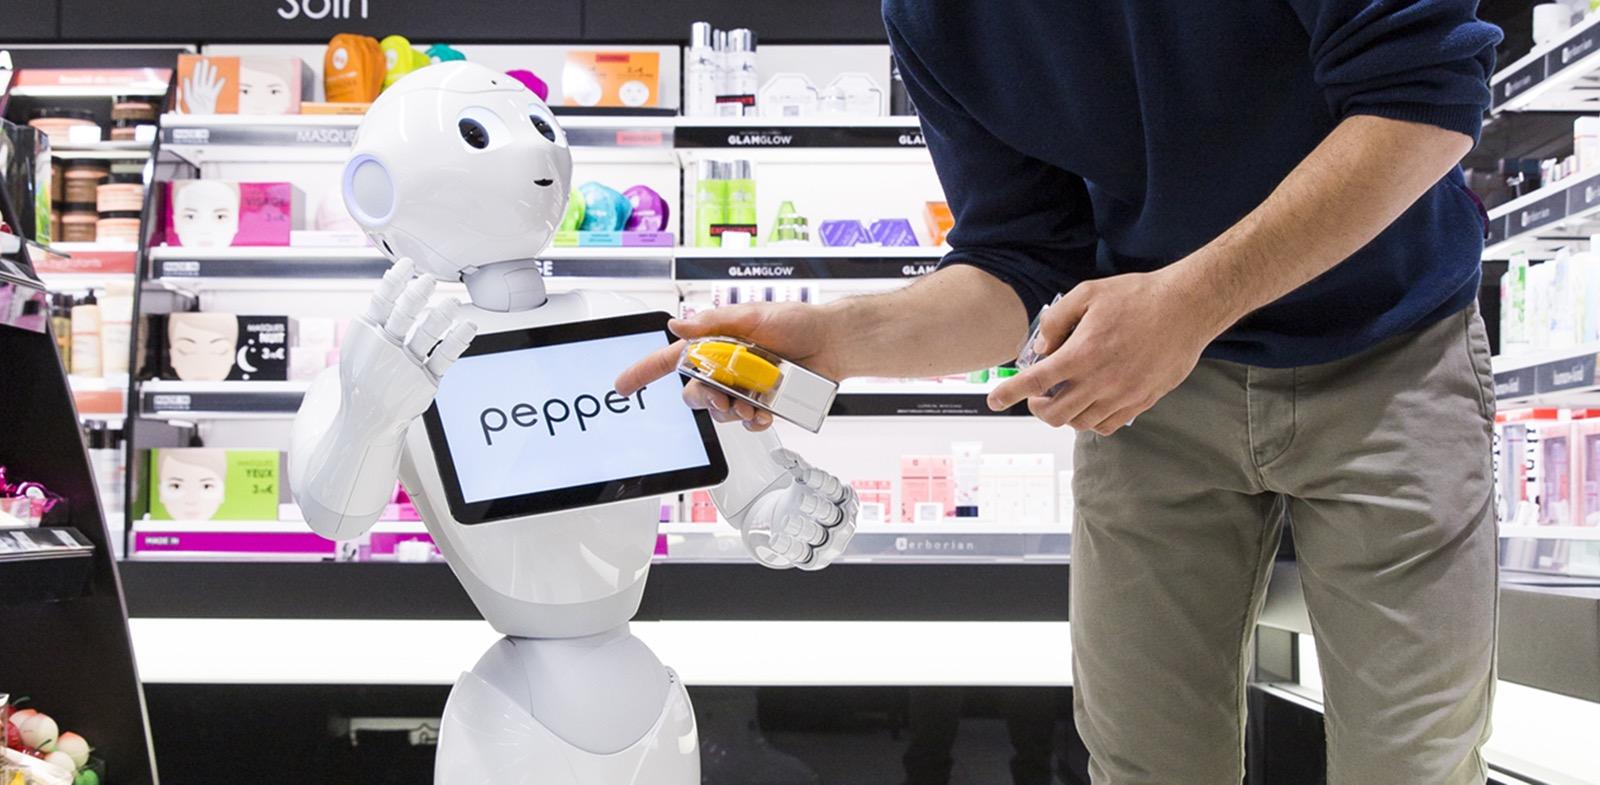 SoftBank se svou divizí SoftBank Robotics vyvíjí také chytré roboty